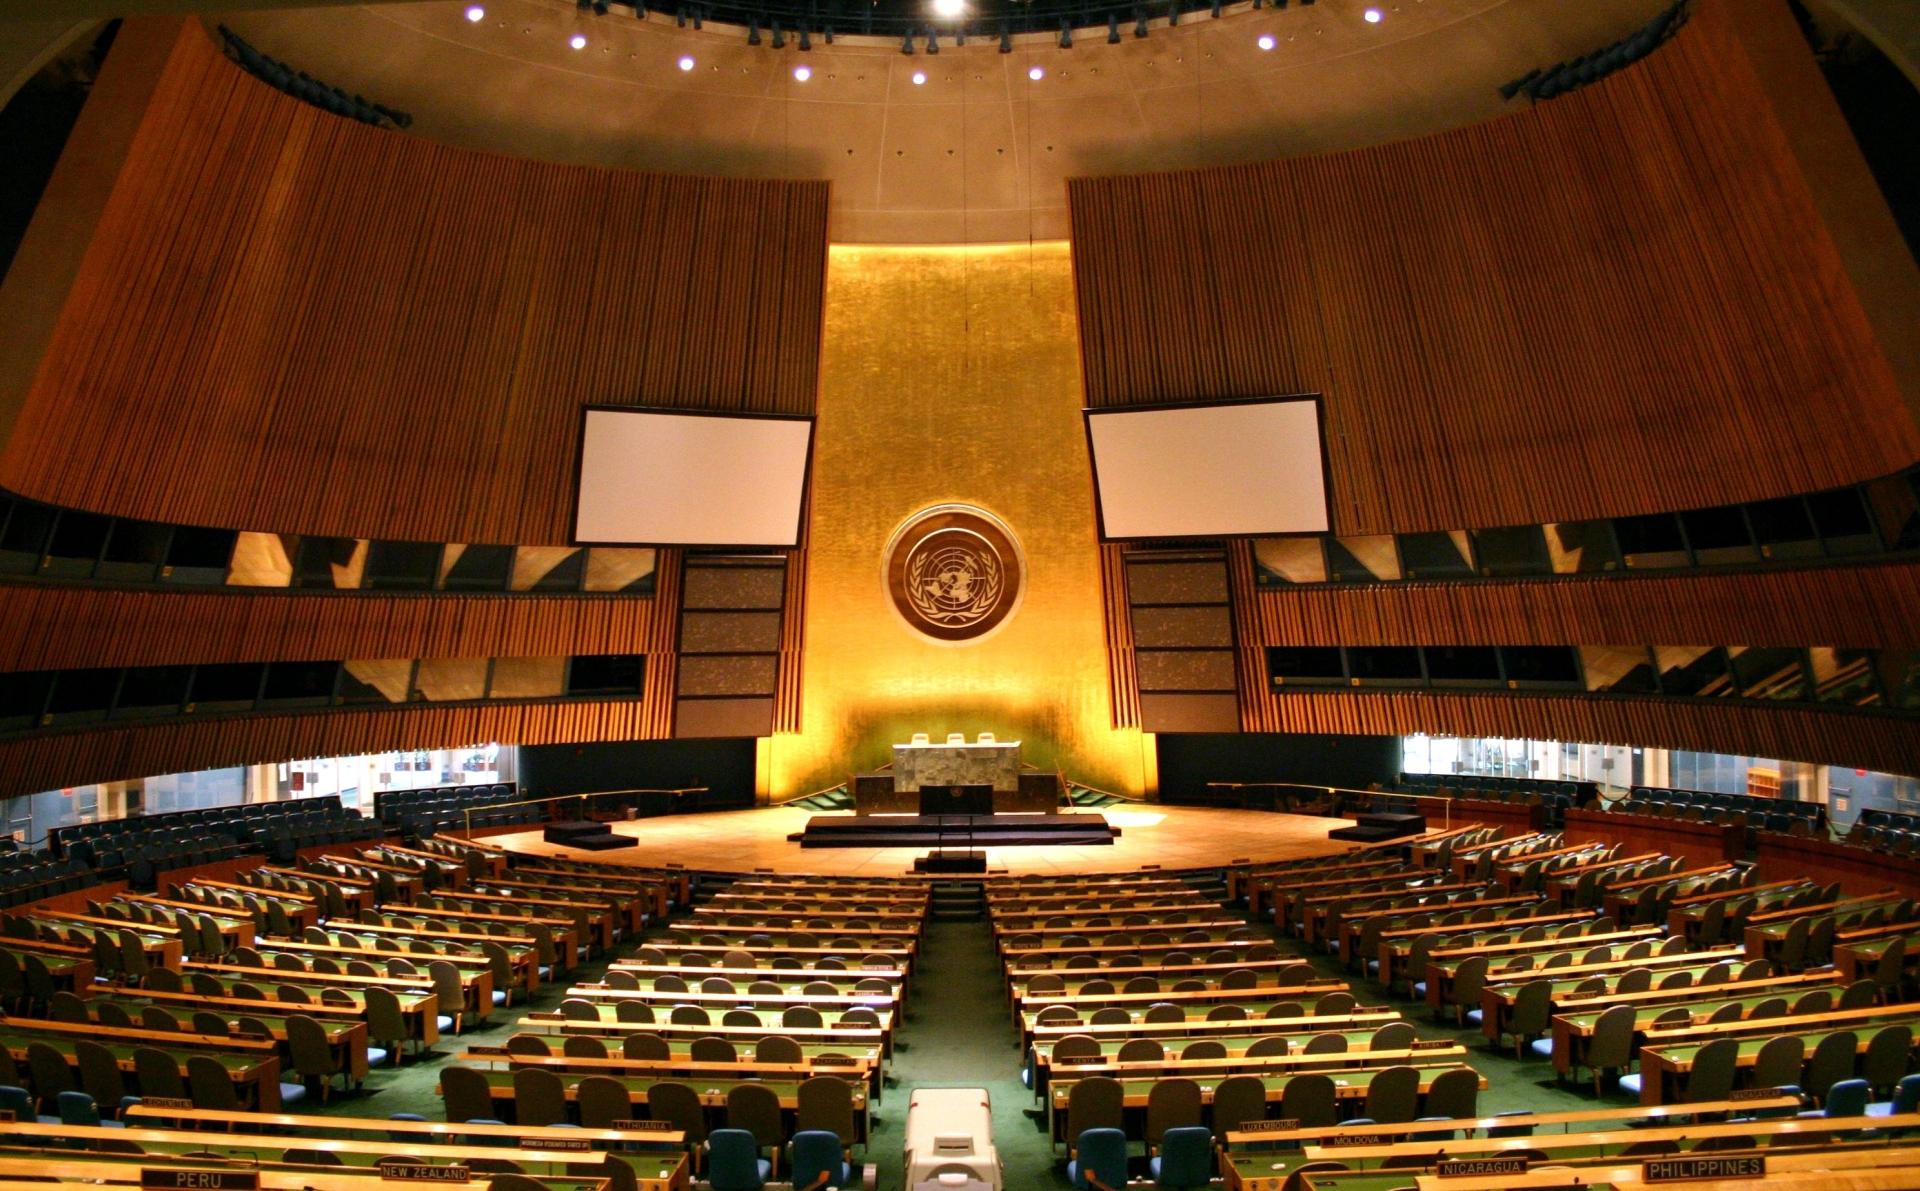 Birleşmiş Milletler zirvesi bu hafta başlıyor